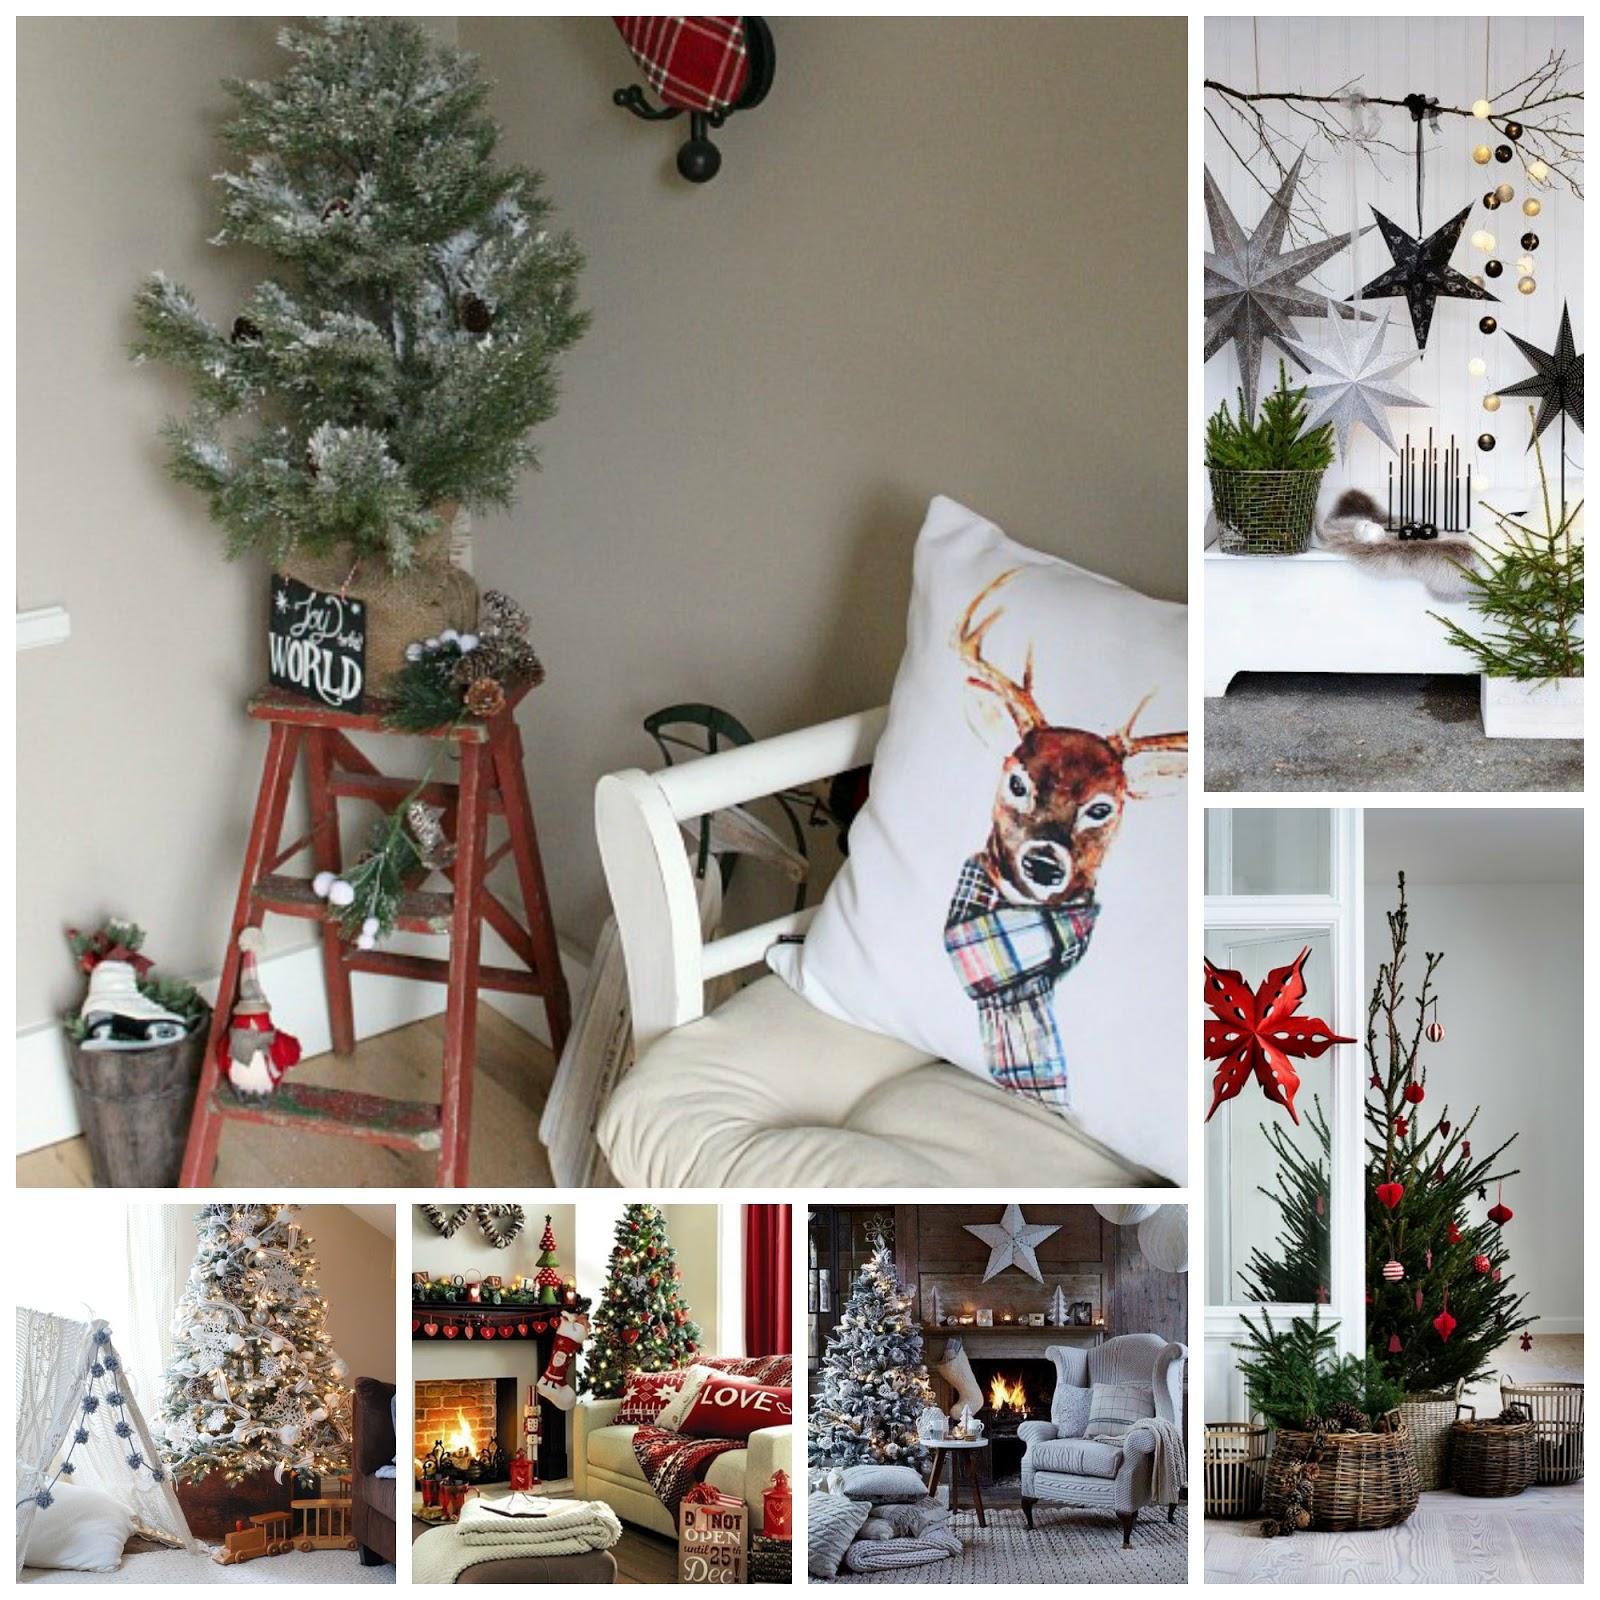 15 idee per decorare la casa a natale - Idee decoro casa ...